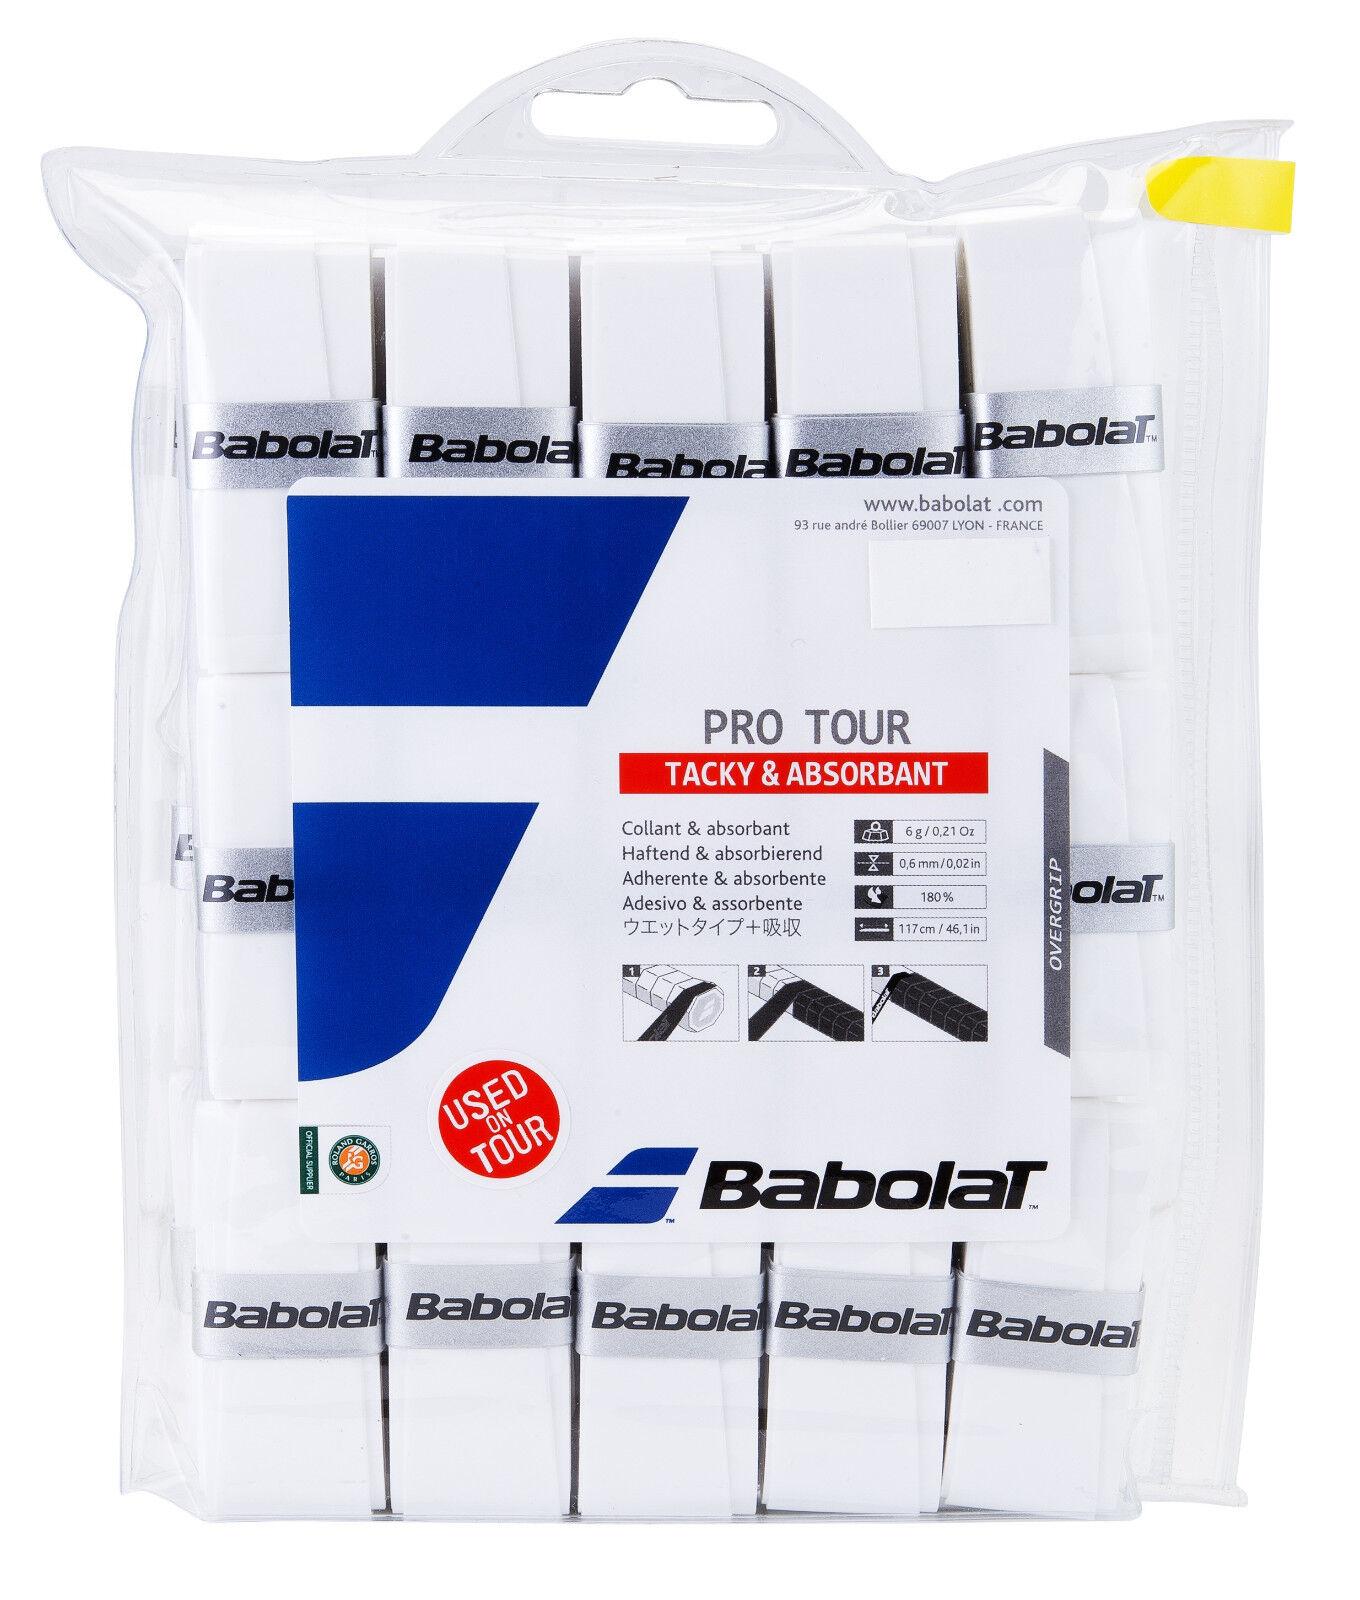 Babolat Pro Tour x 30 Griffbänder für Tennis Tennis Tennis Grips 34654b